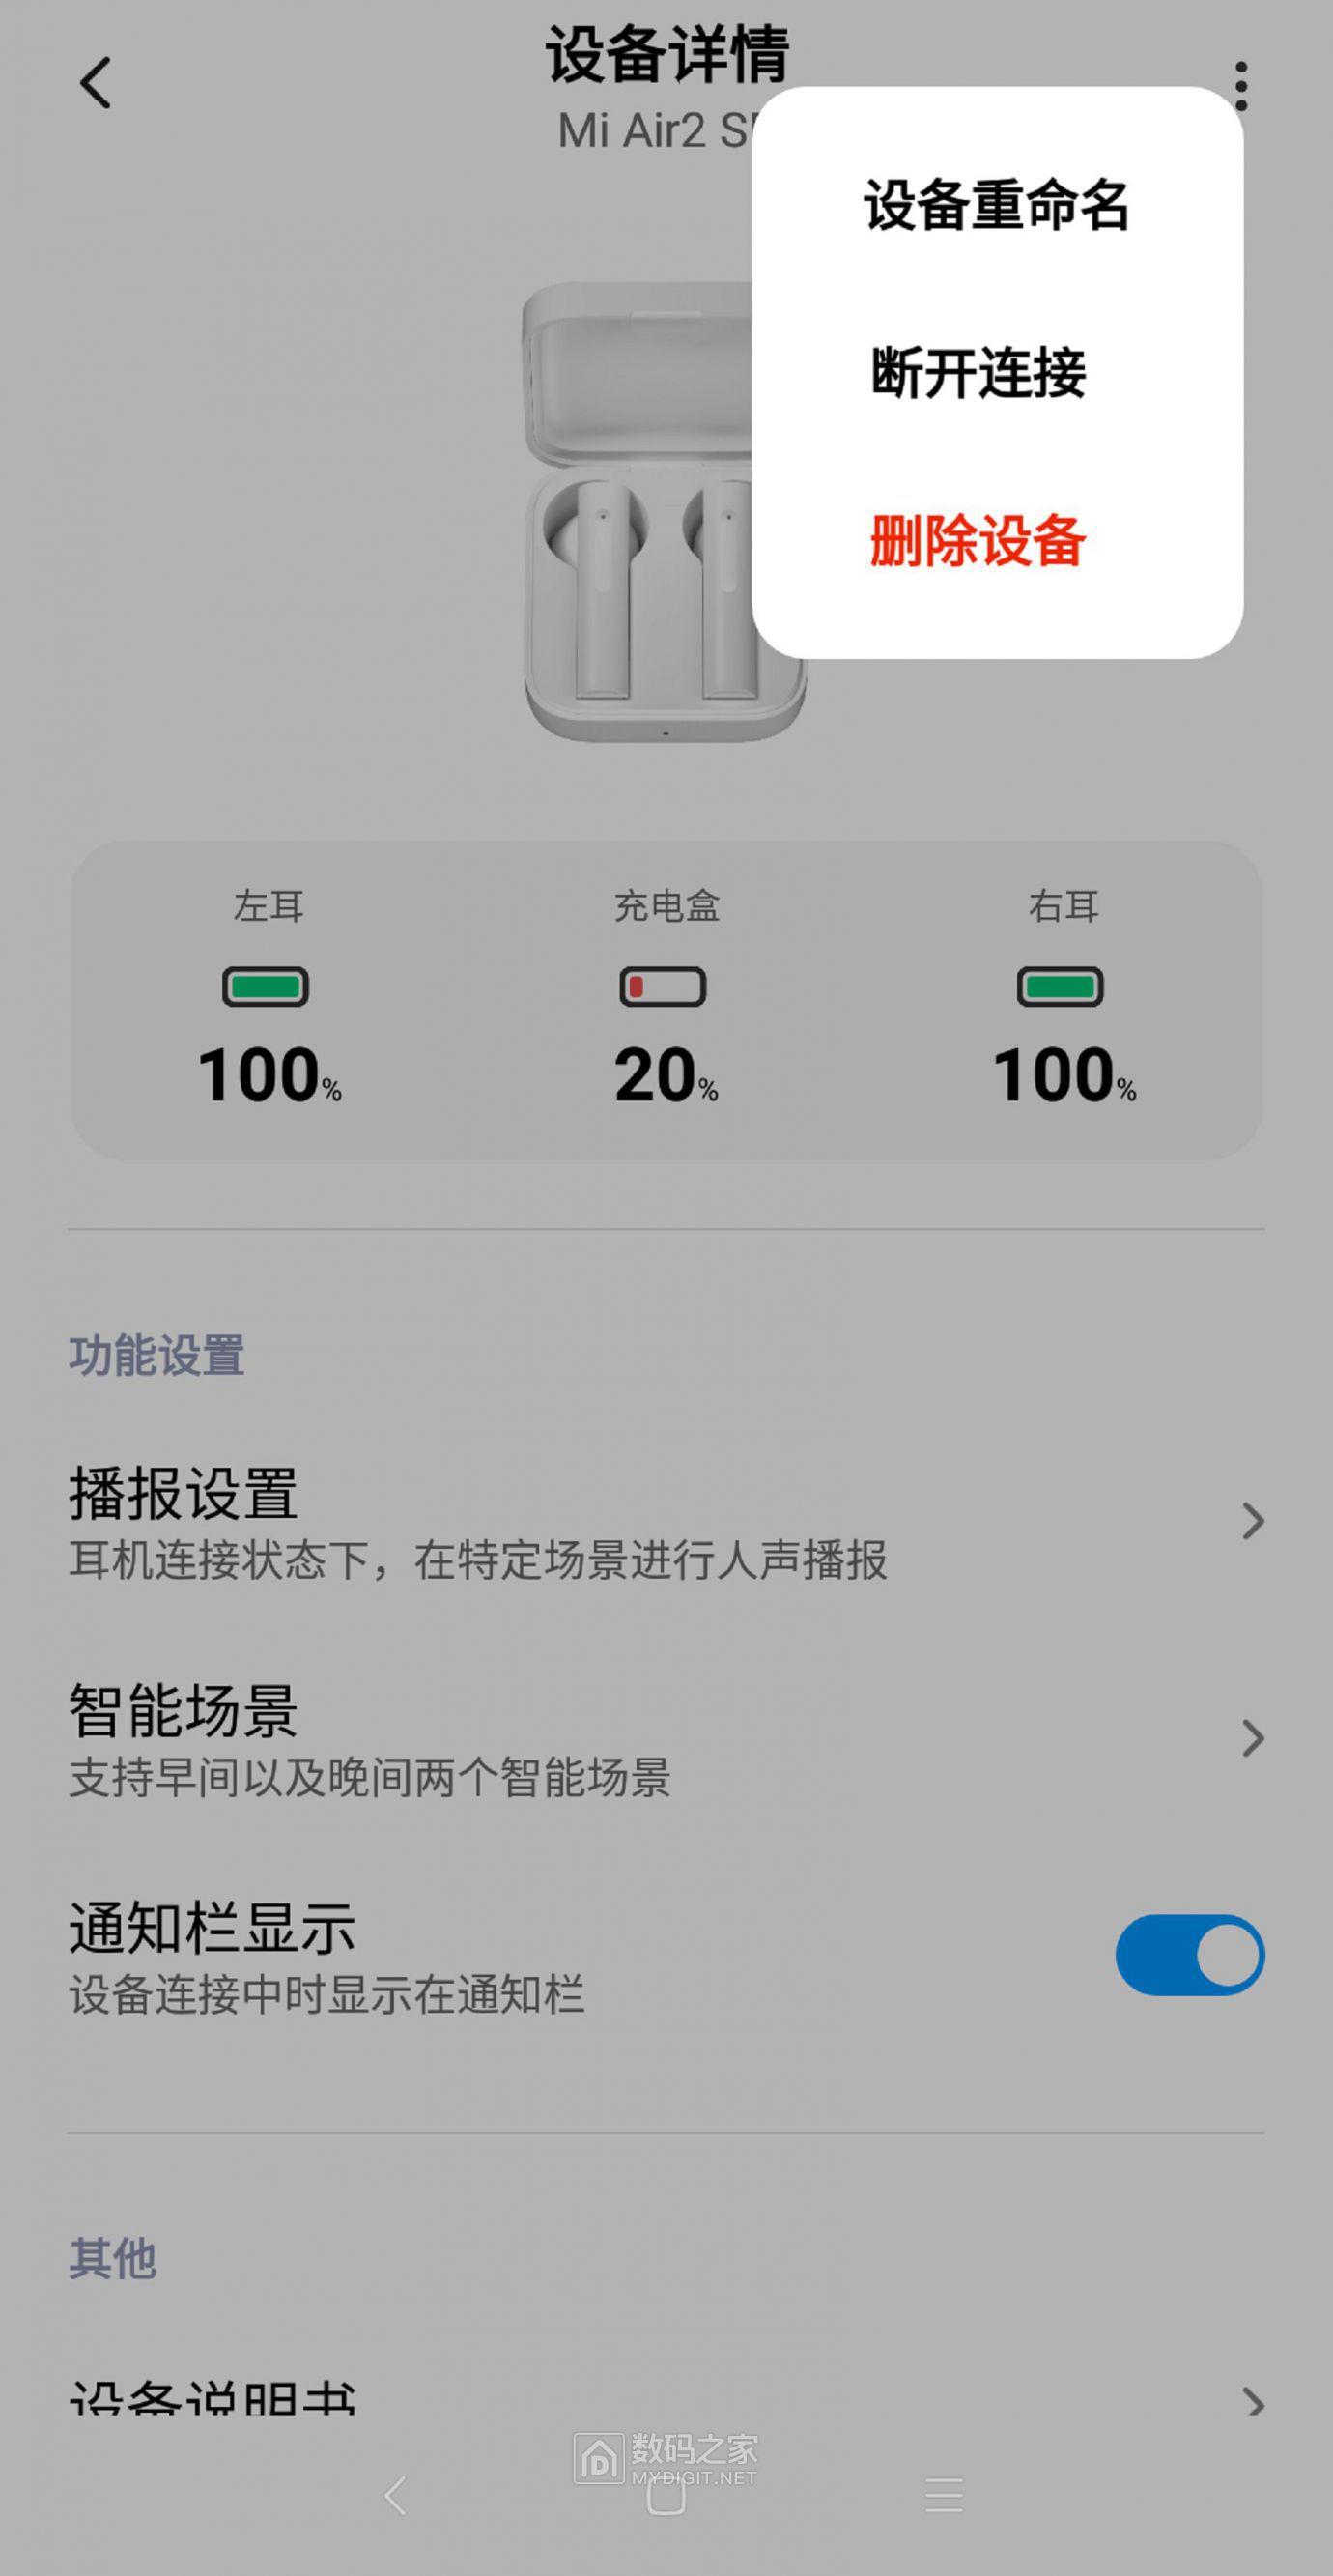 Screenshot_2021-04-16-19-42-18-181_com.xiaomi.xiaoailite.jpg